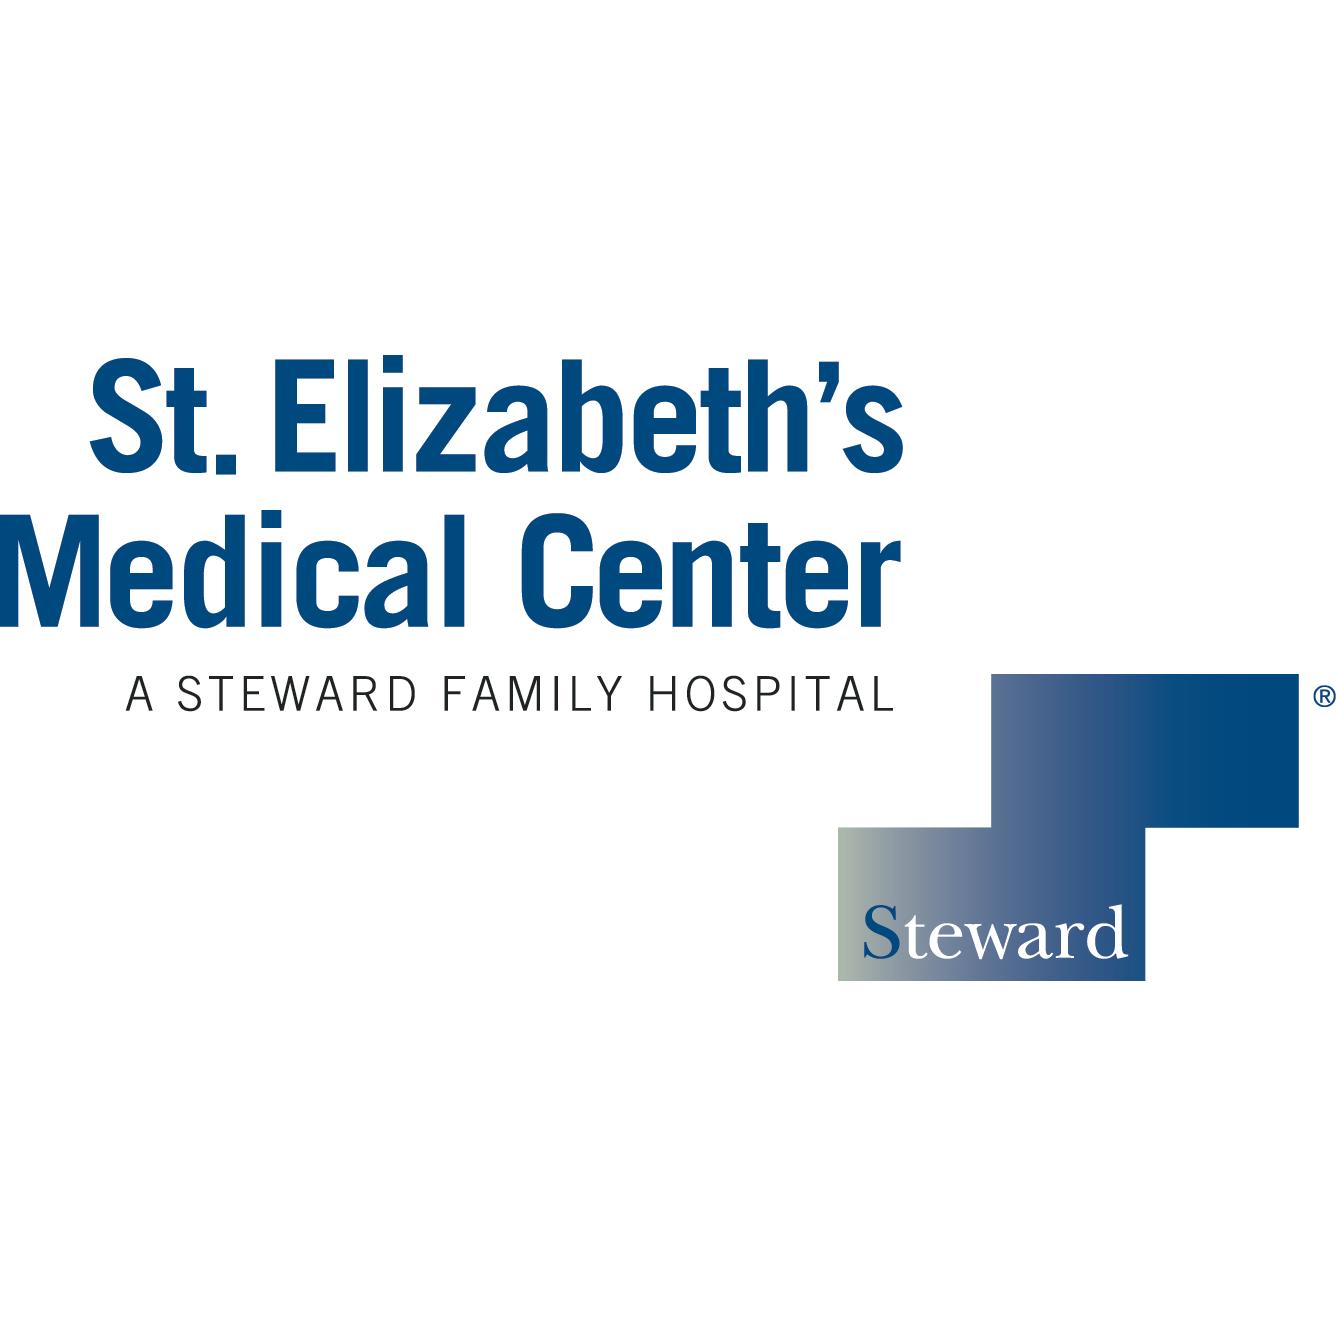 St. Elizabeth's Medical Center